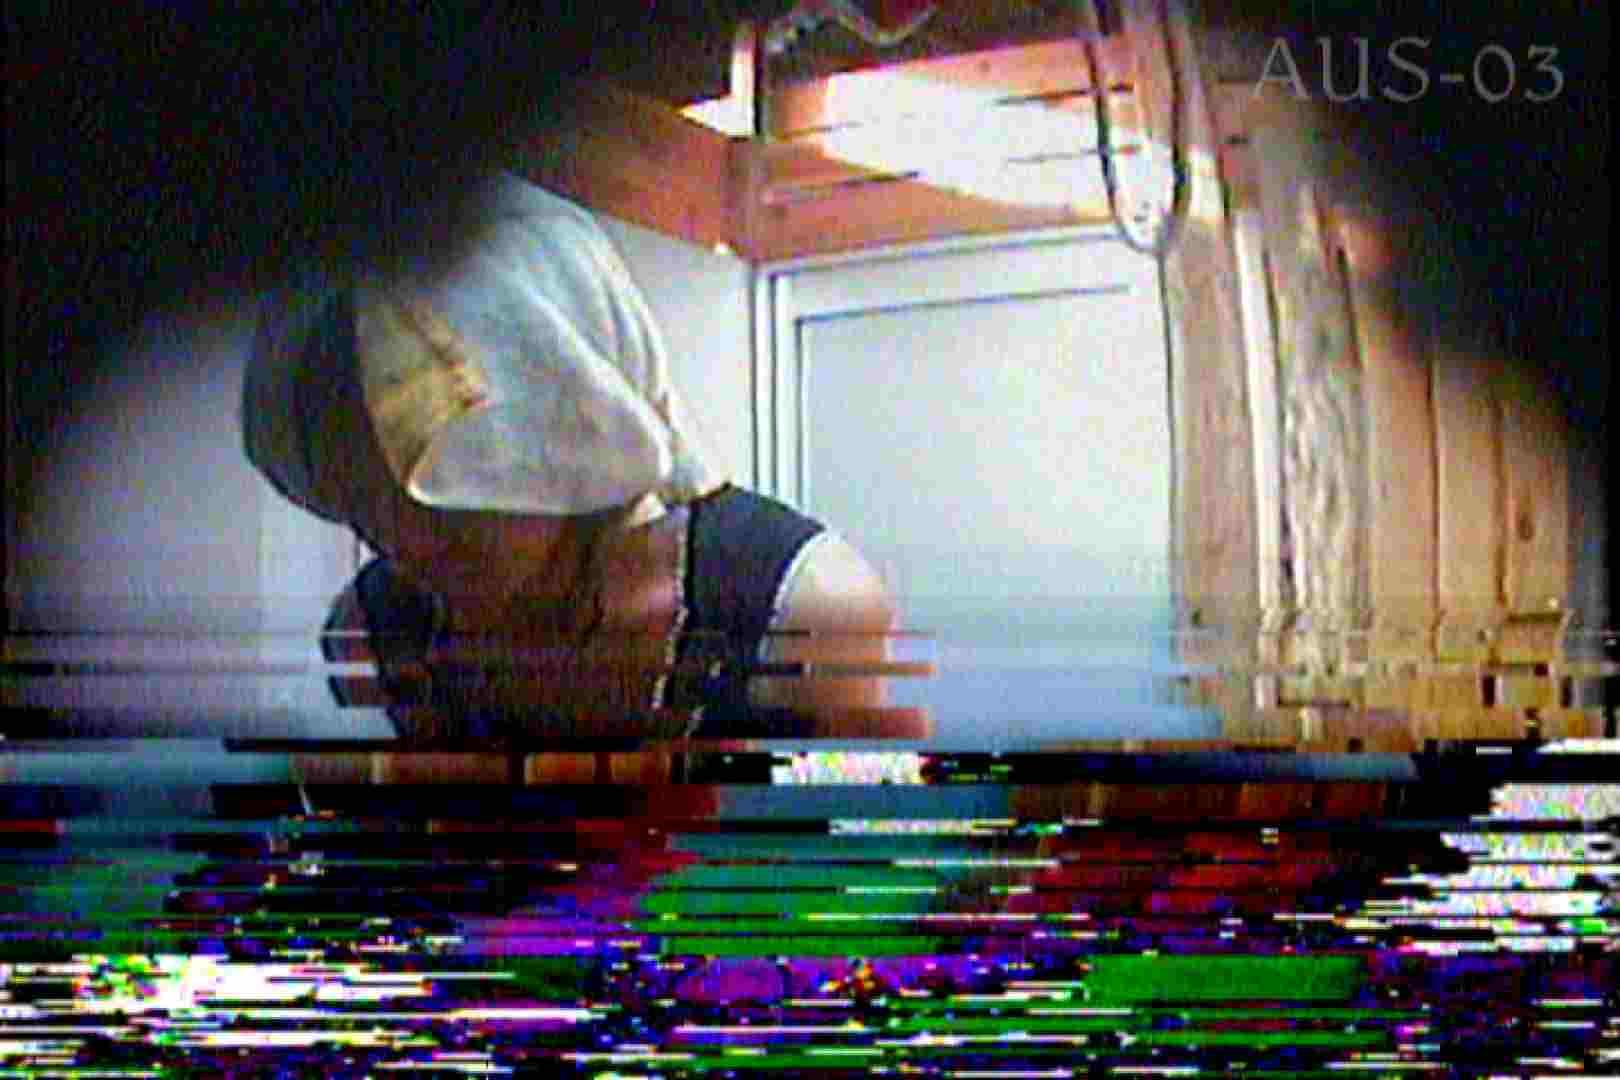 海の家の更衣室 Vol.10 シャワー室 AV動画キャプチャ 112枚 10